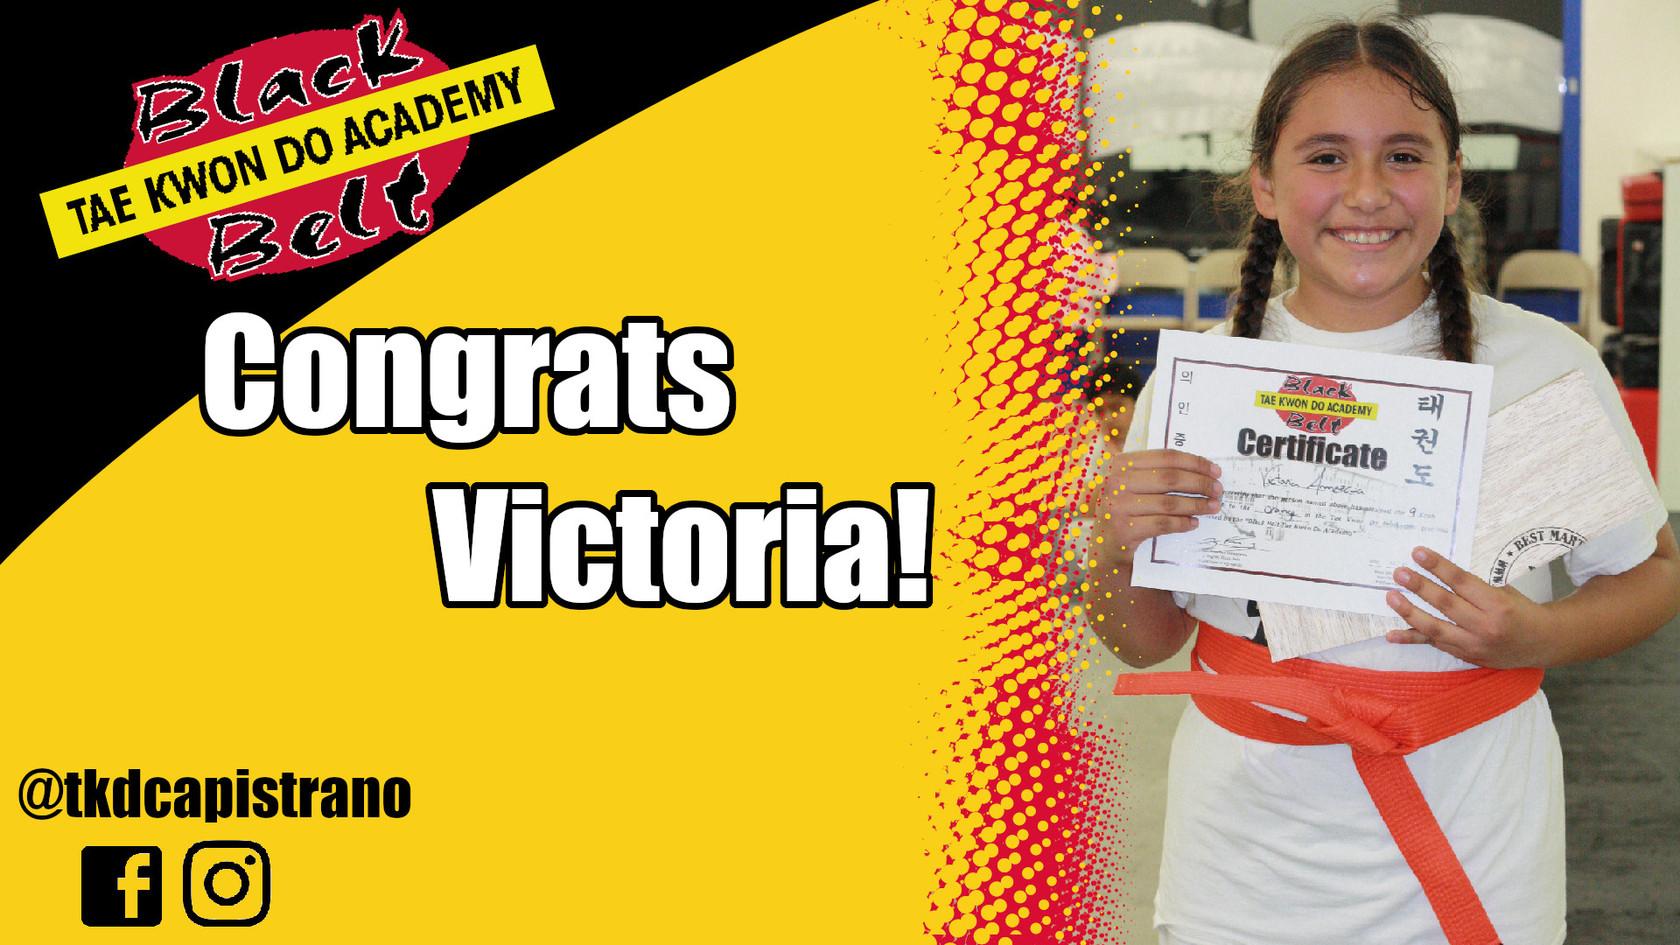 Congrats Victoria!